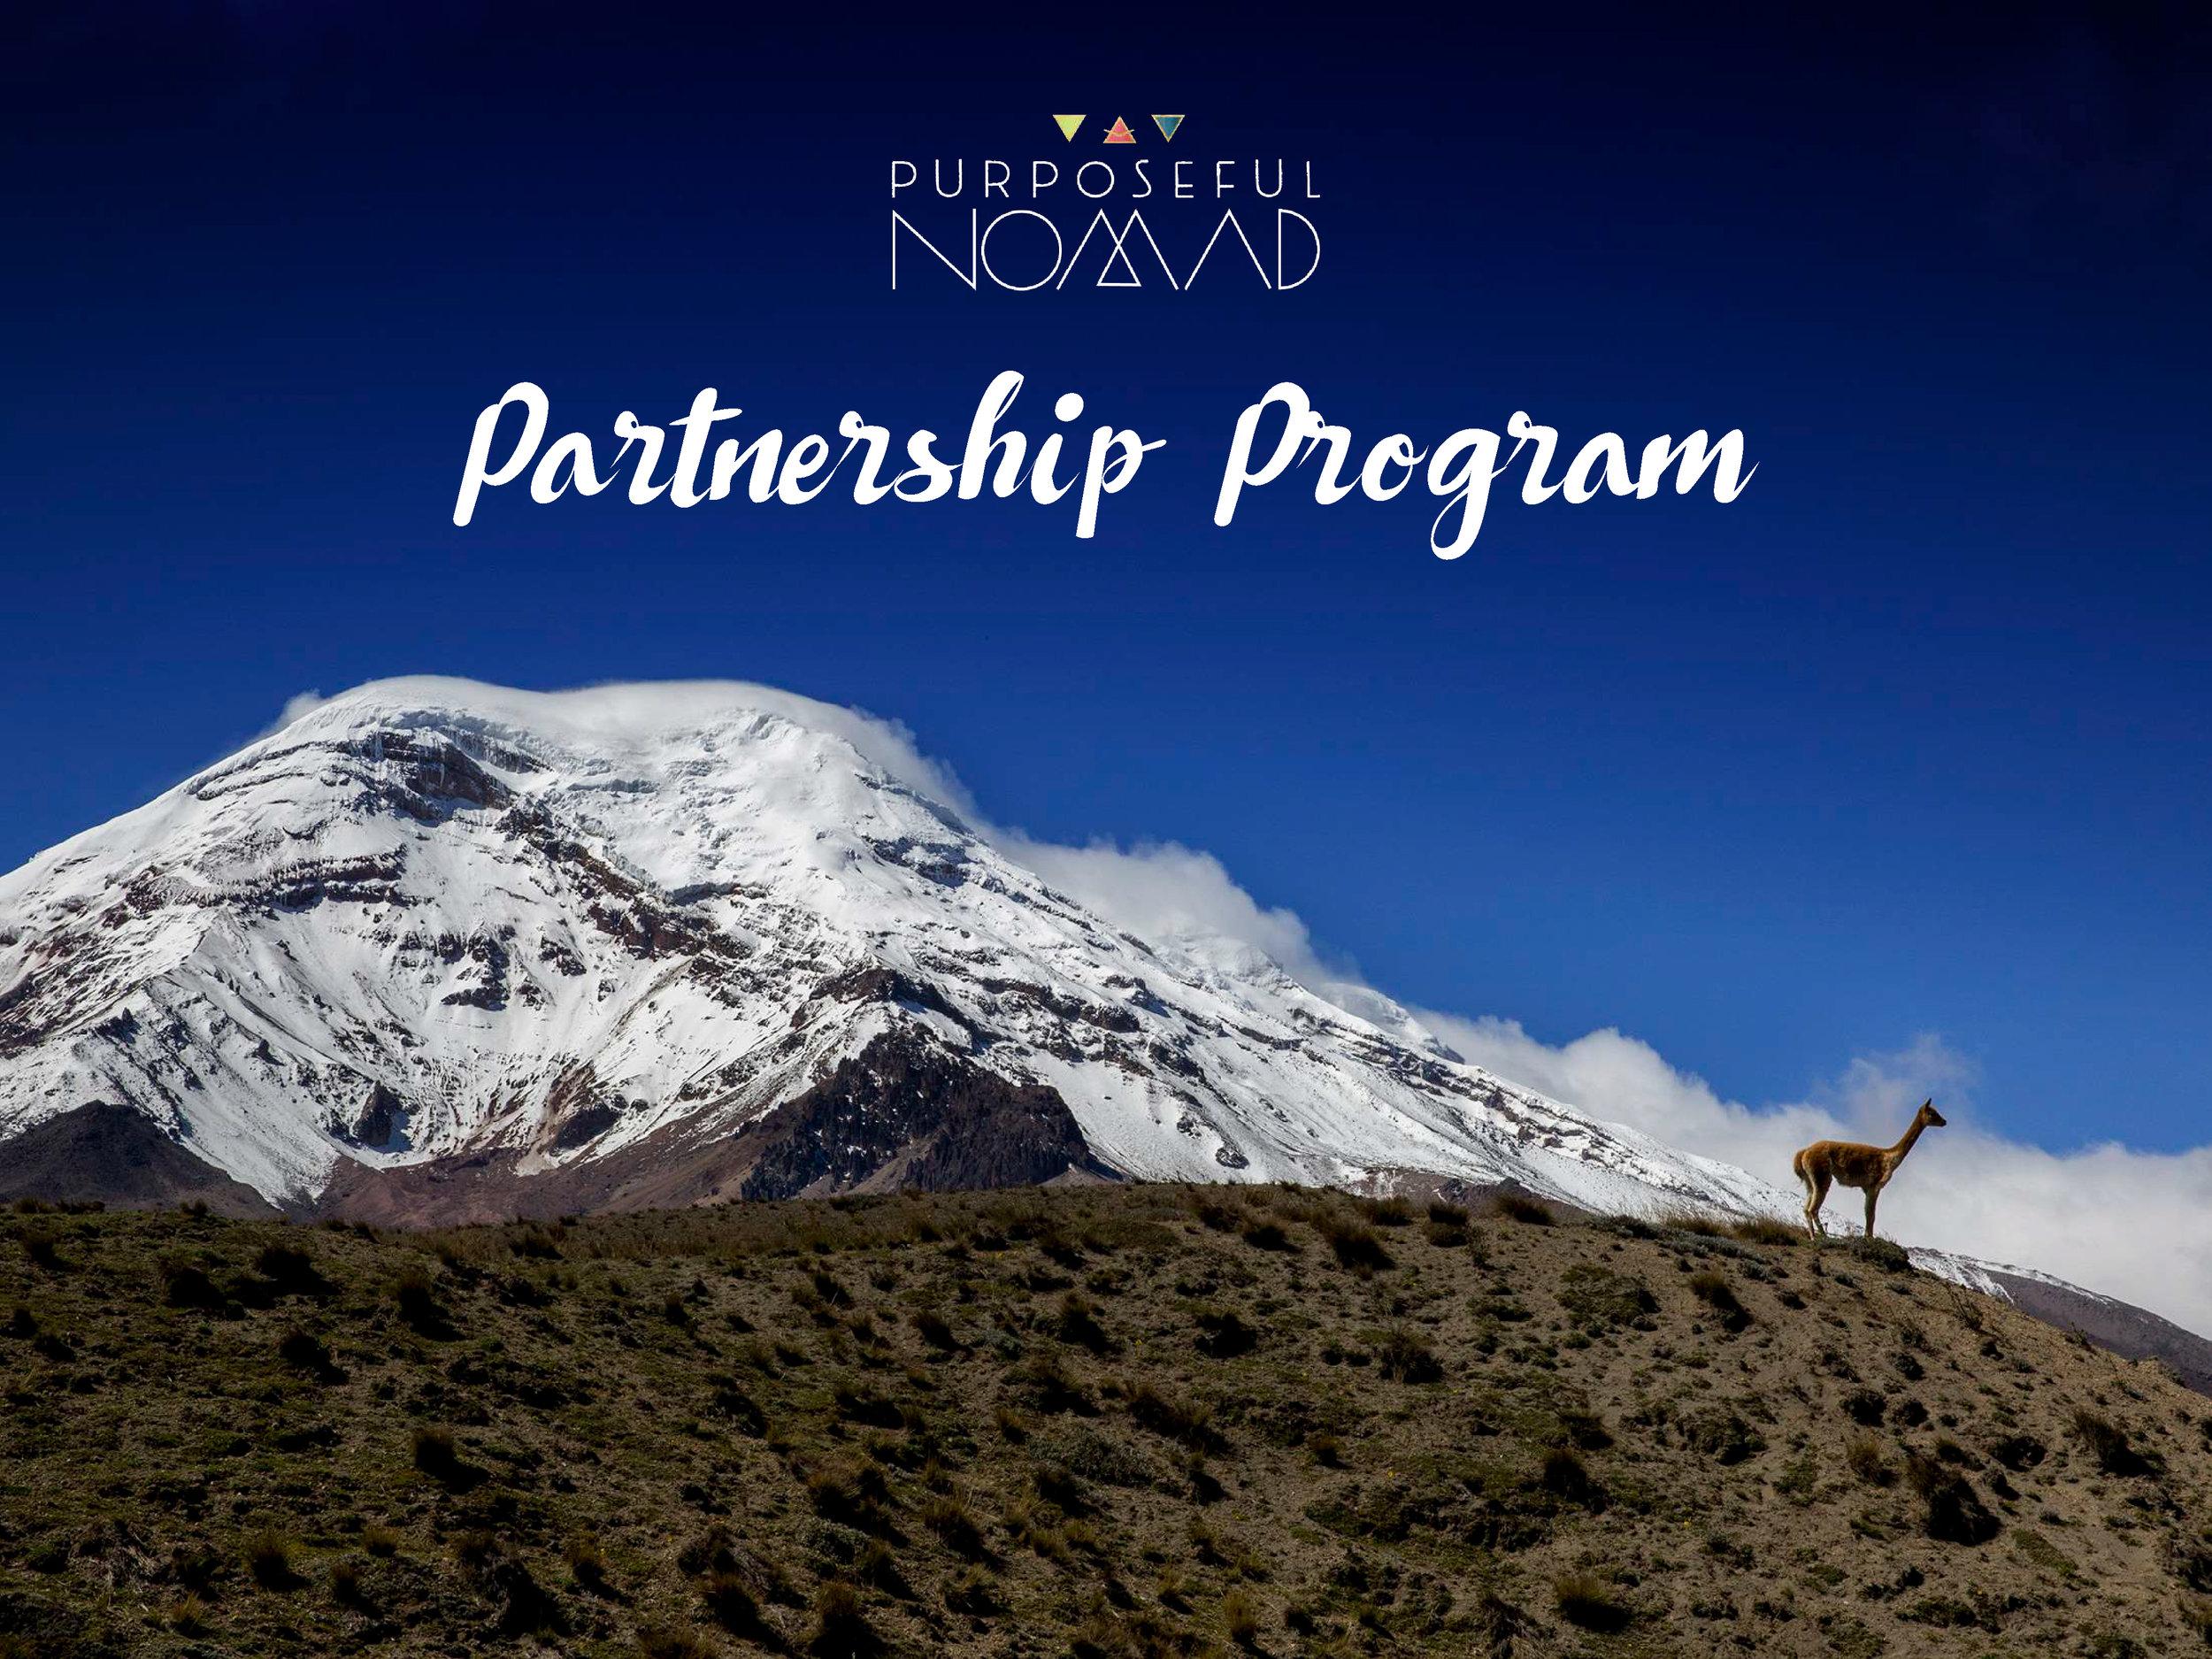 PN-Partnerships-pg1.jpg